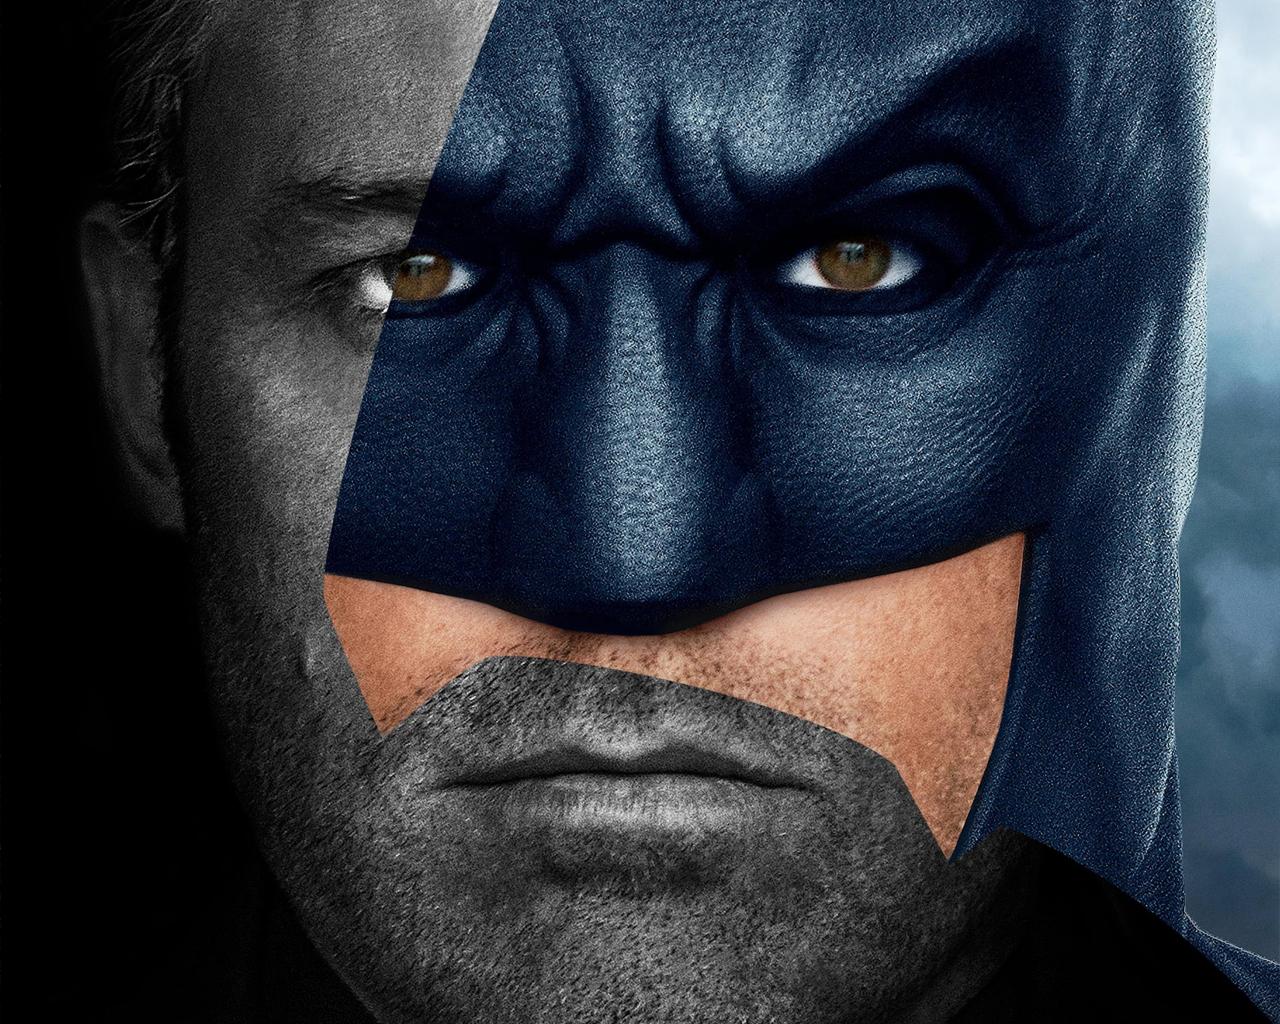 Batman, Ben Affleck, justice league, movie, 1280x1024 wallpaper